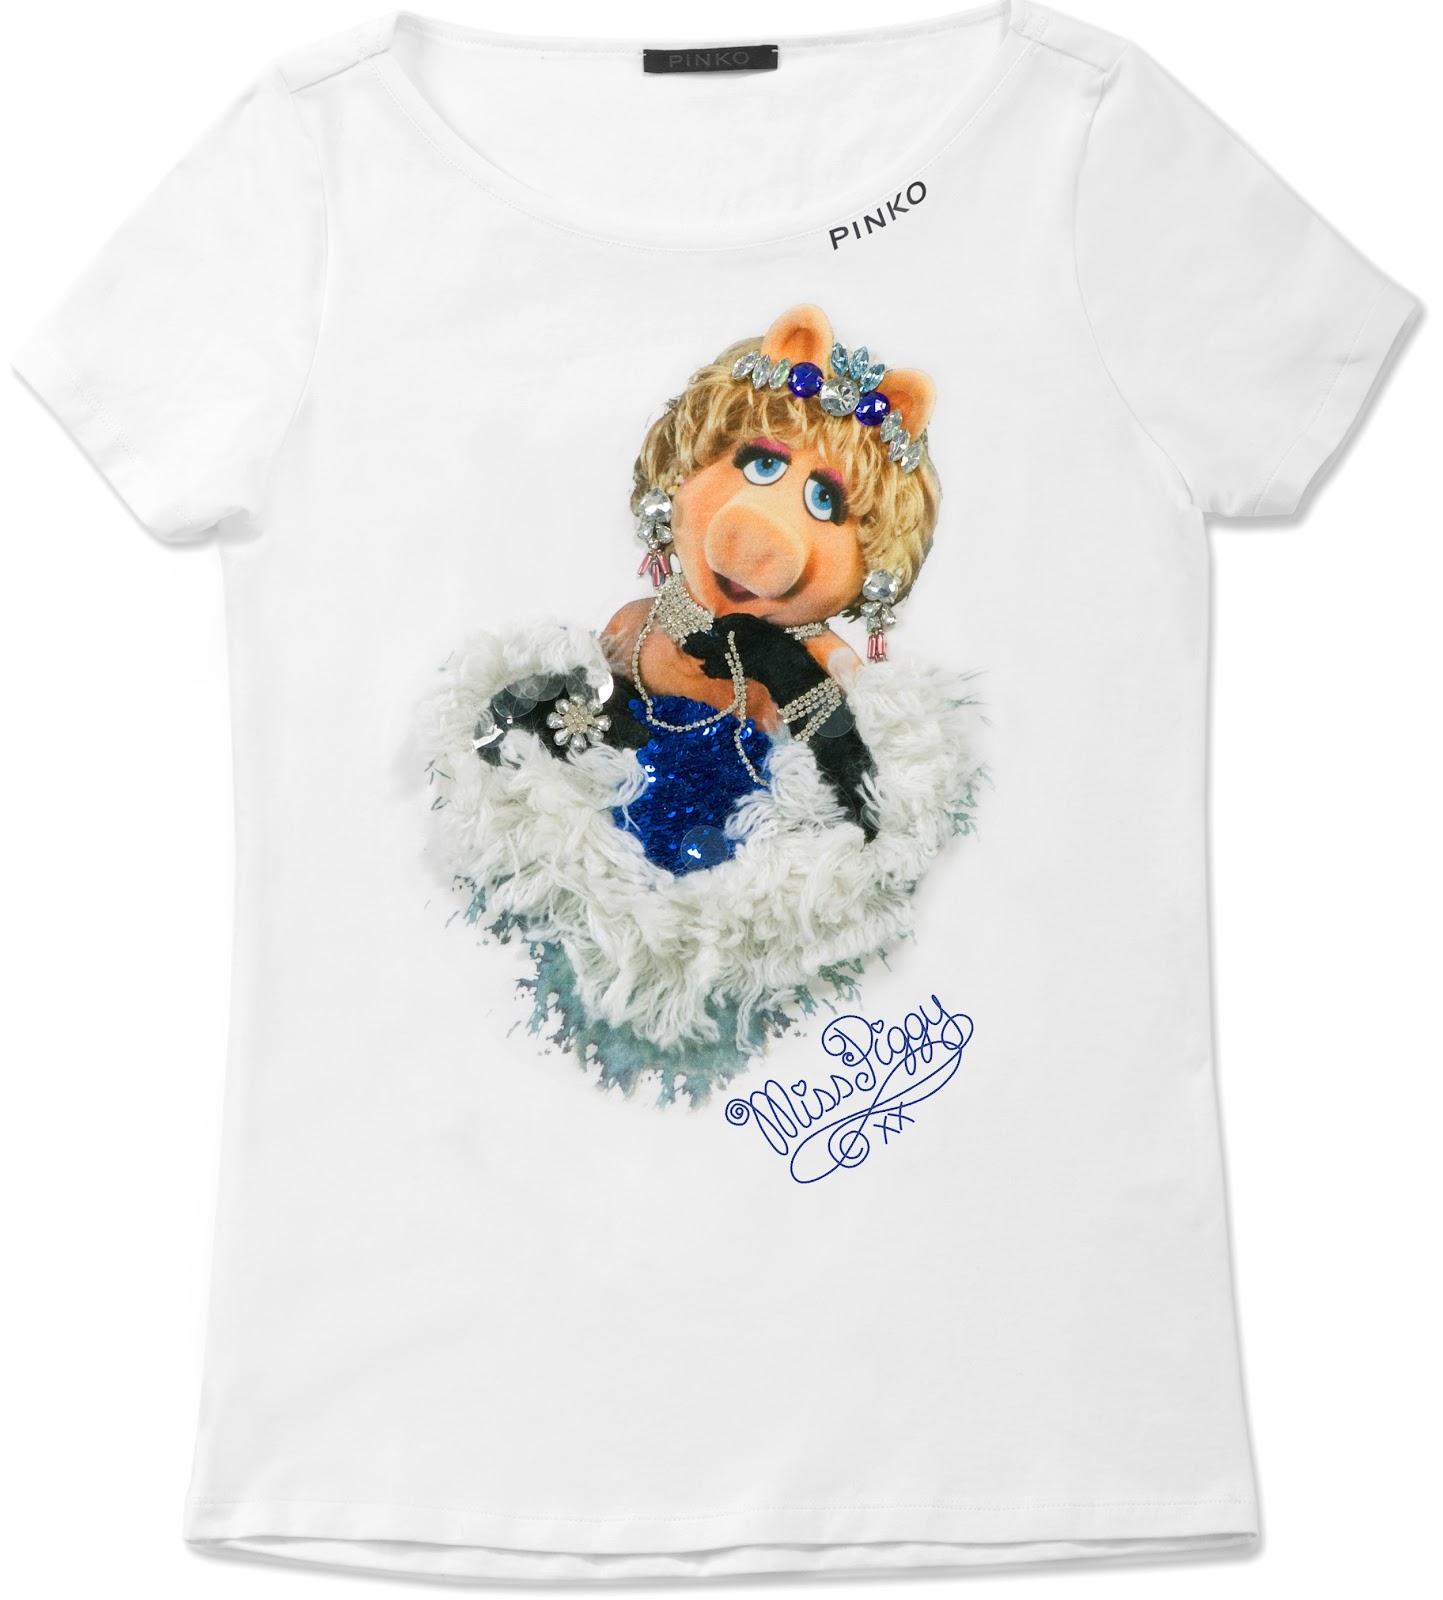 http://4.bp.blogspot.com/-mreDrD_qTQc/T38GR0dGZzI/AAAAAAAANbQ/EgGrOCyaotU/s1600/Pinko+Miss+Piggy+T-shirt+1.jpg